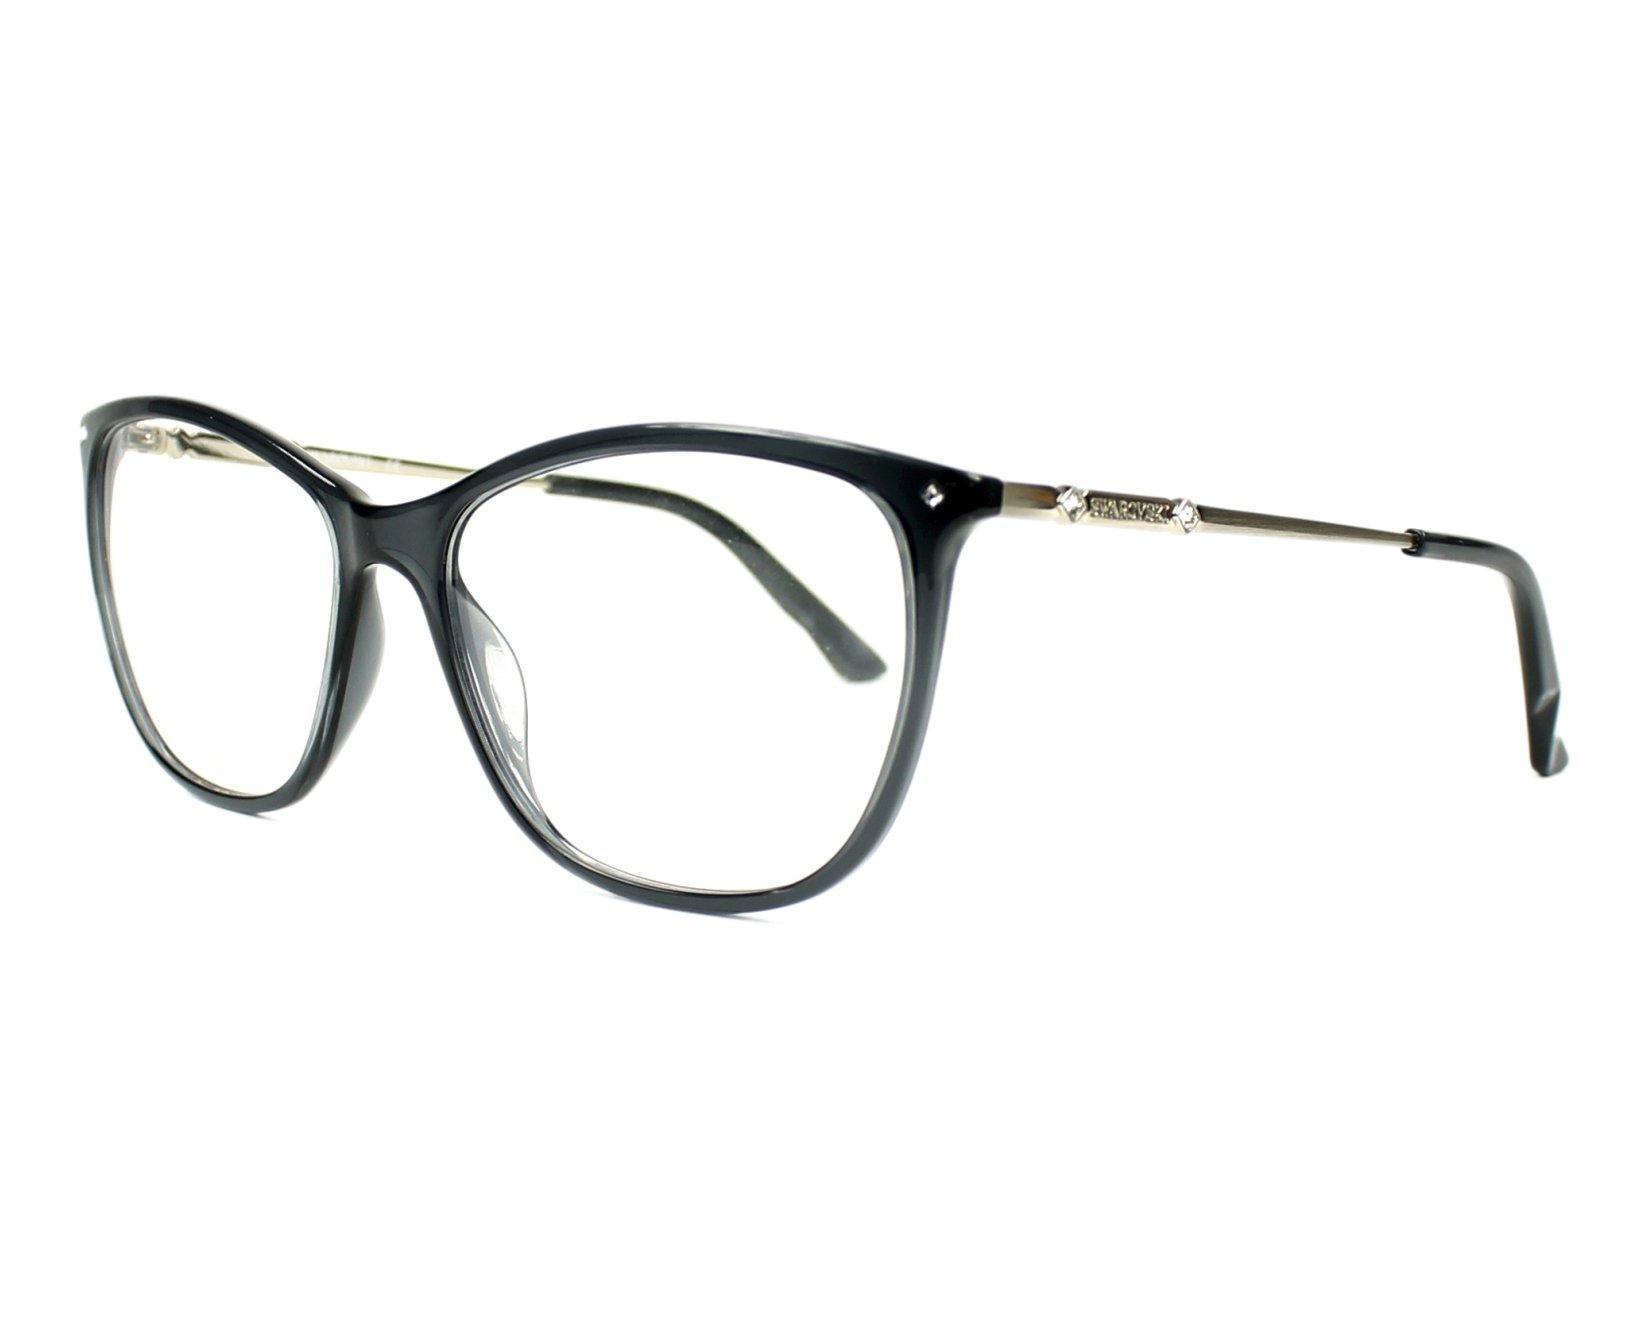 Swarovski Brille günstig online kaufen (über 140 Modelle) af026b872756